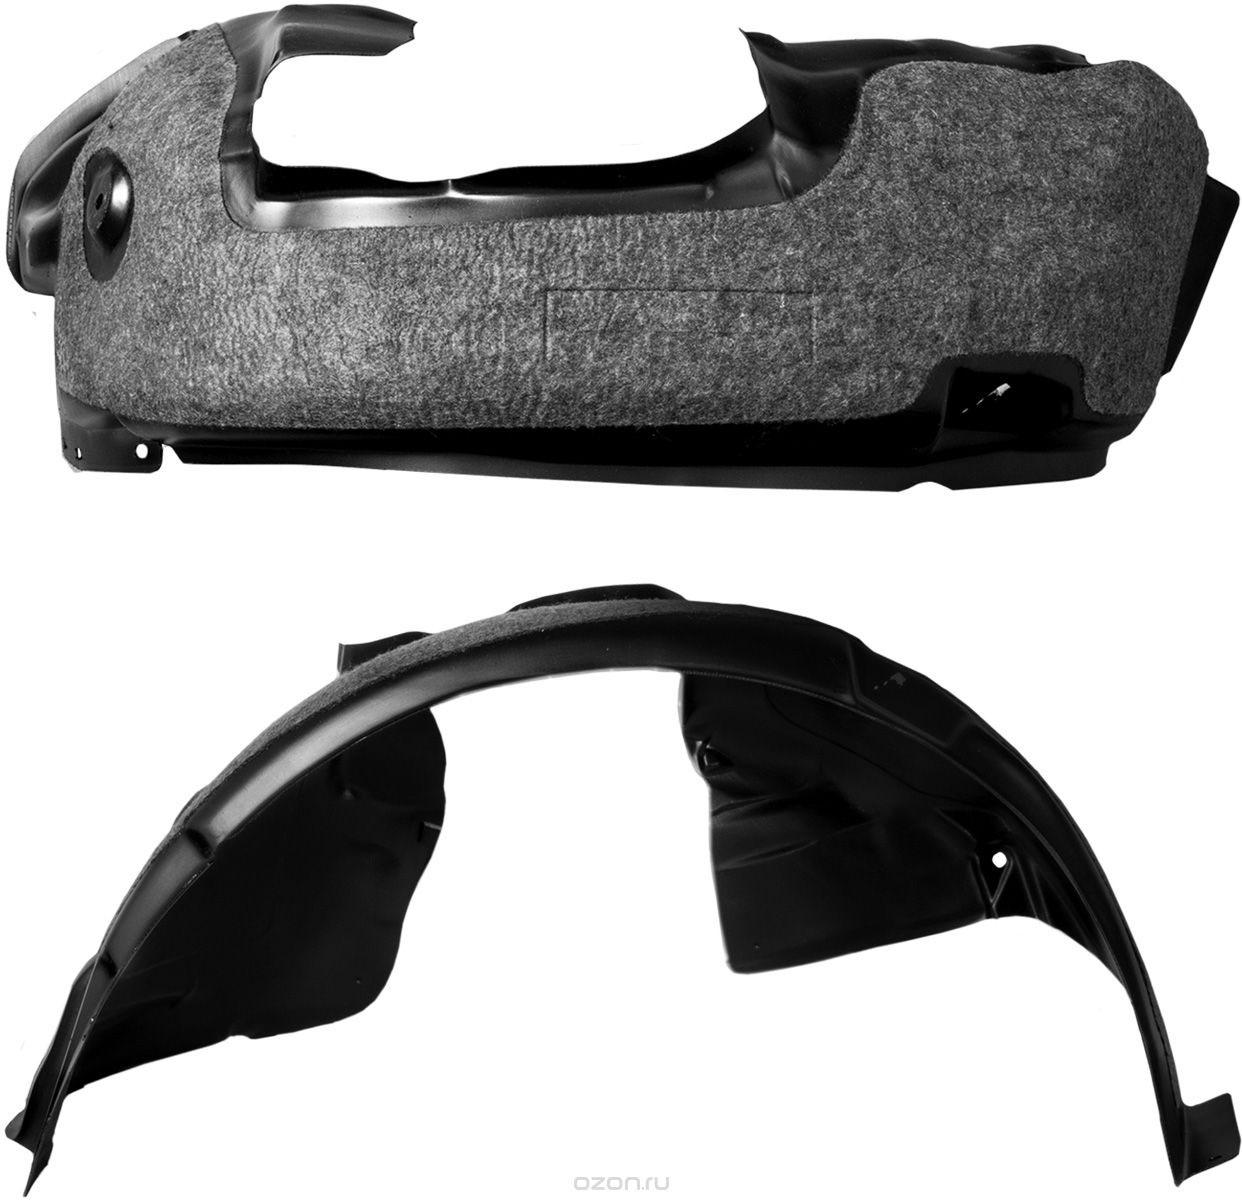 Подкрылок Novline-Autofamily с шумоизоляцией, для Lifan X60, 07/2016->, кроссовер, передний правыйNLS.73.10.002Идеальная защита колесной ниши. Локеры разработаны с применением цифровых технологий, гарантируют максимальную повторяемость поверхности арки. Изделия устанавливаются без нарушения лакокрасочного покрытия автомобиля, каждый подкрылок комплектуется крепежом. Уважаемые клиенты, обращаем ваше внимание, что фотографии на подкрылки универсальные и не отражают реальную форму изделия. При этом само изделие идет точно под размер указанного автомобиля.